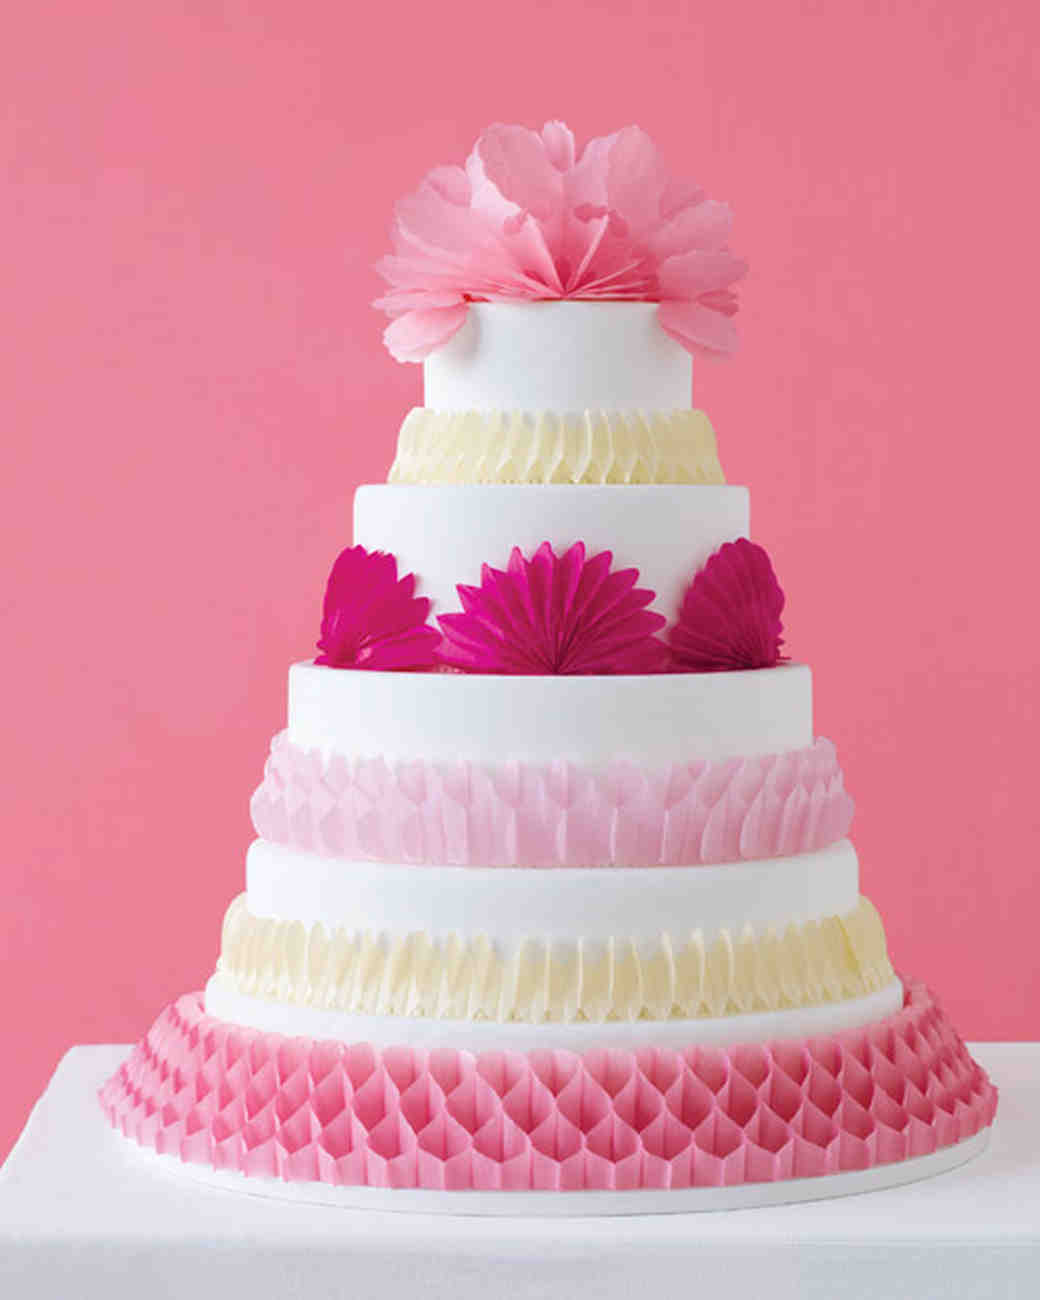 mwd104720_sum09_cake1b.jpg